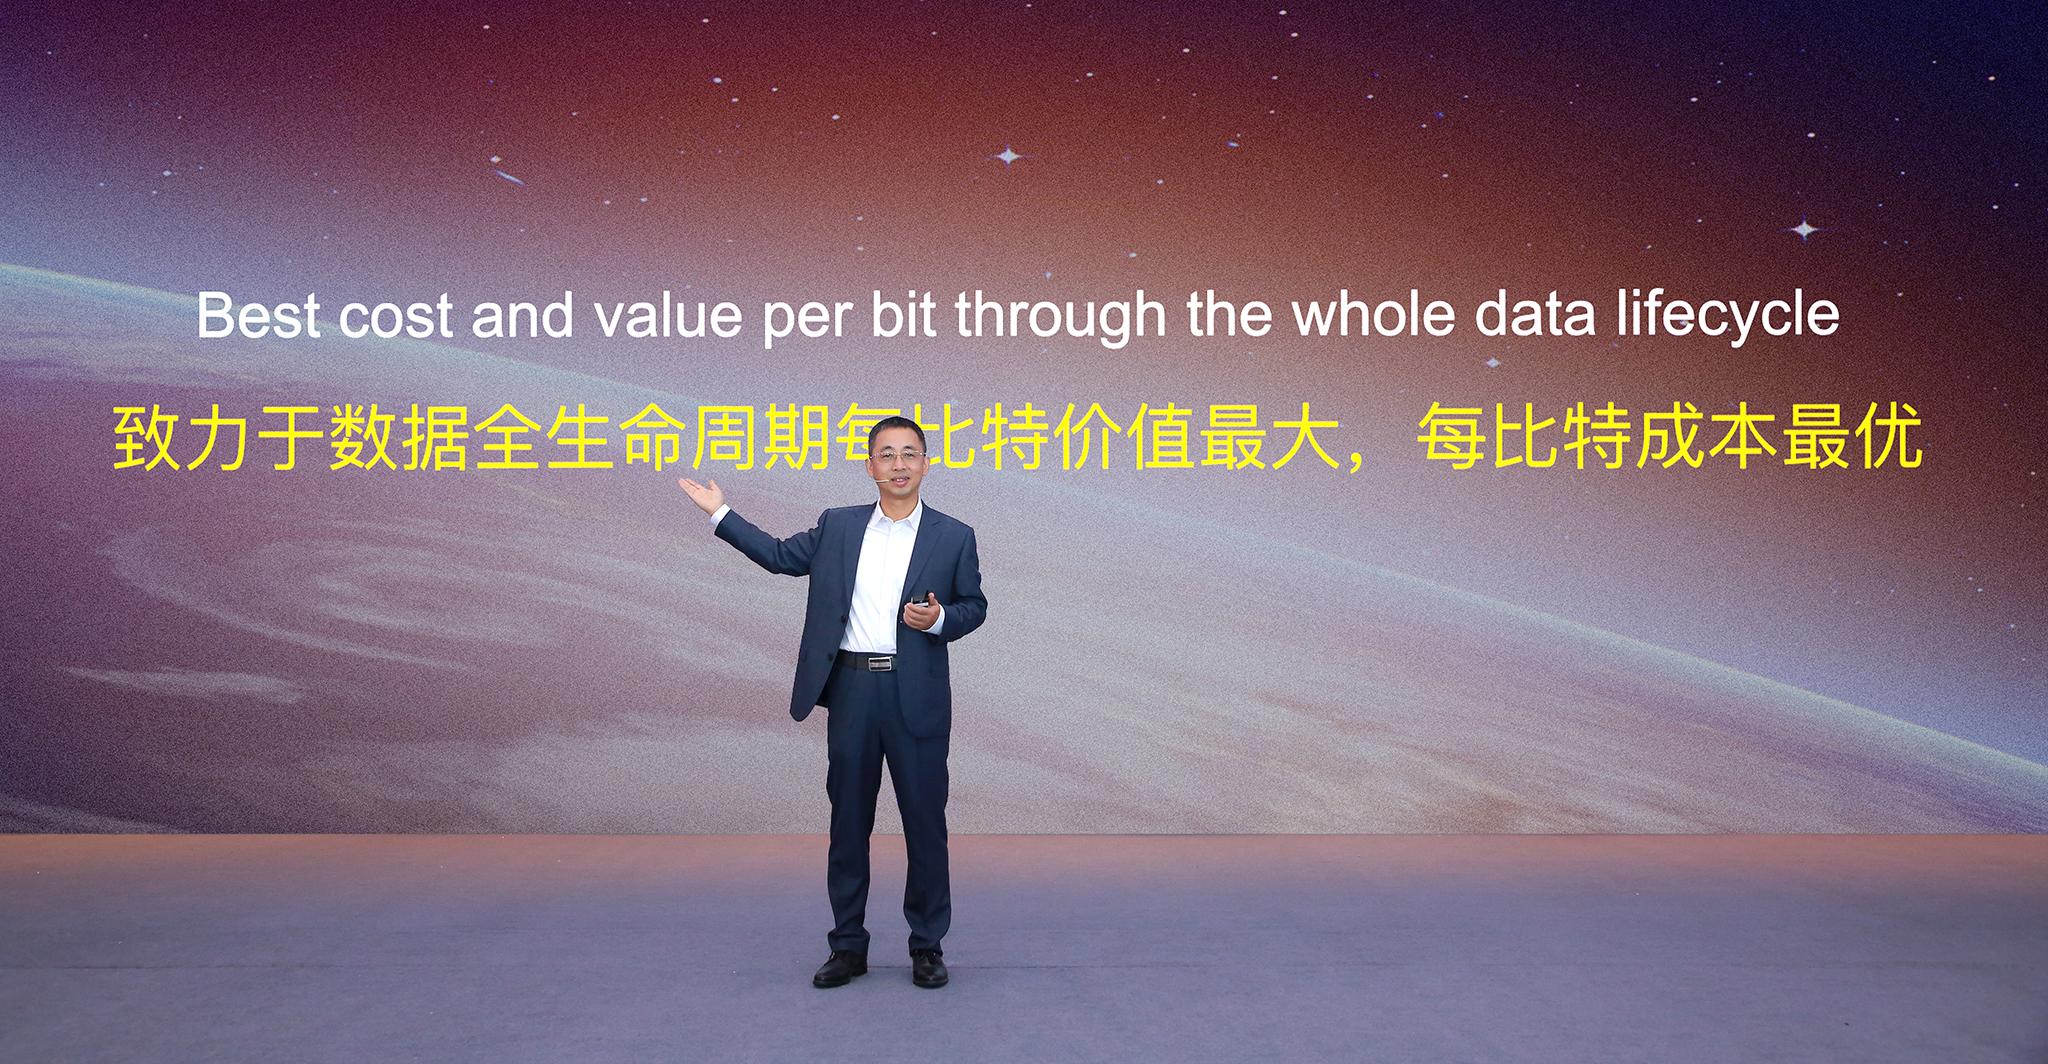 华为面向鲲鹏计算产业启动数据基础设施战略,开源数据虚拟化引擎HetuEngine